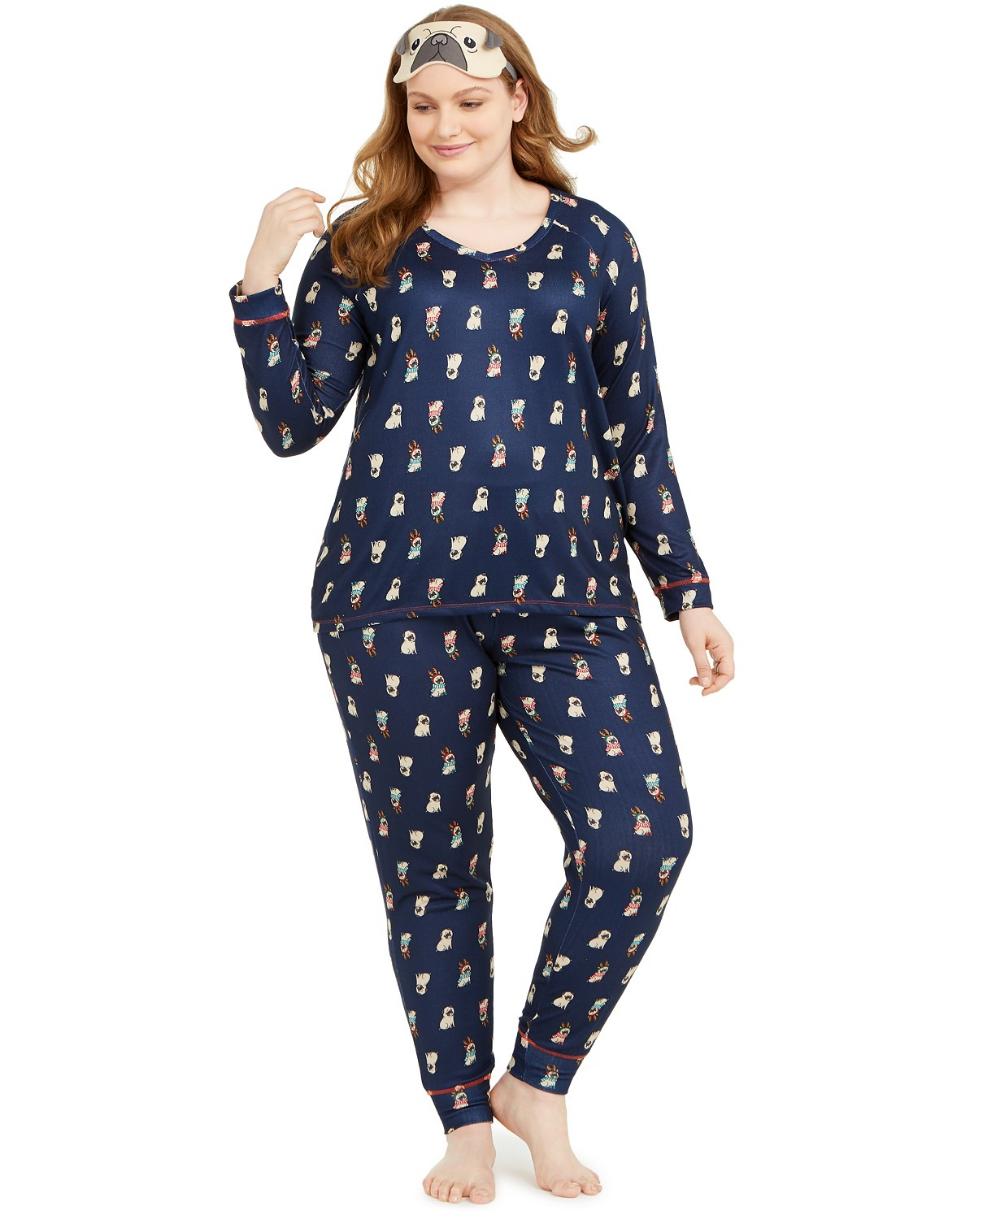 Pin on Plus size pajamas